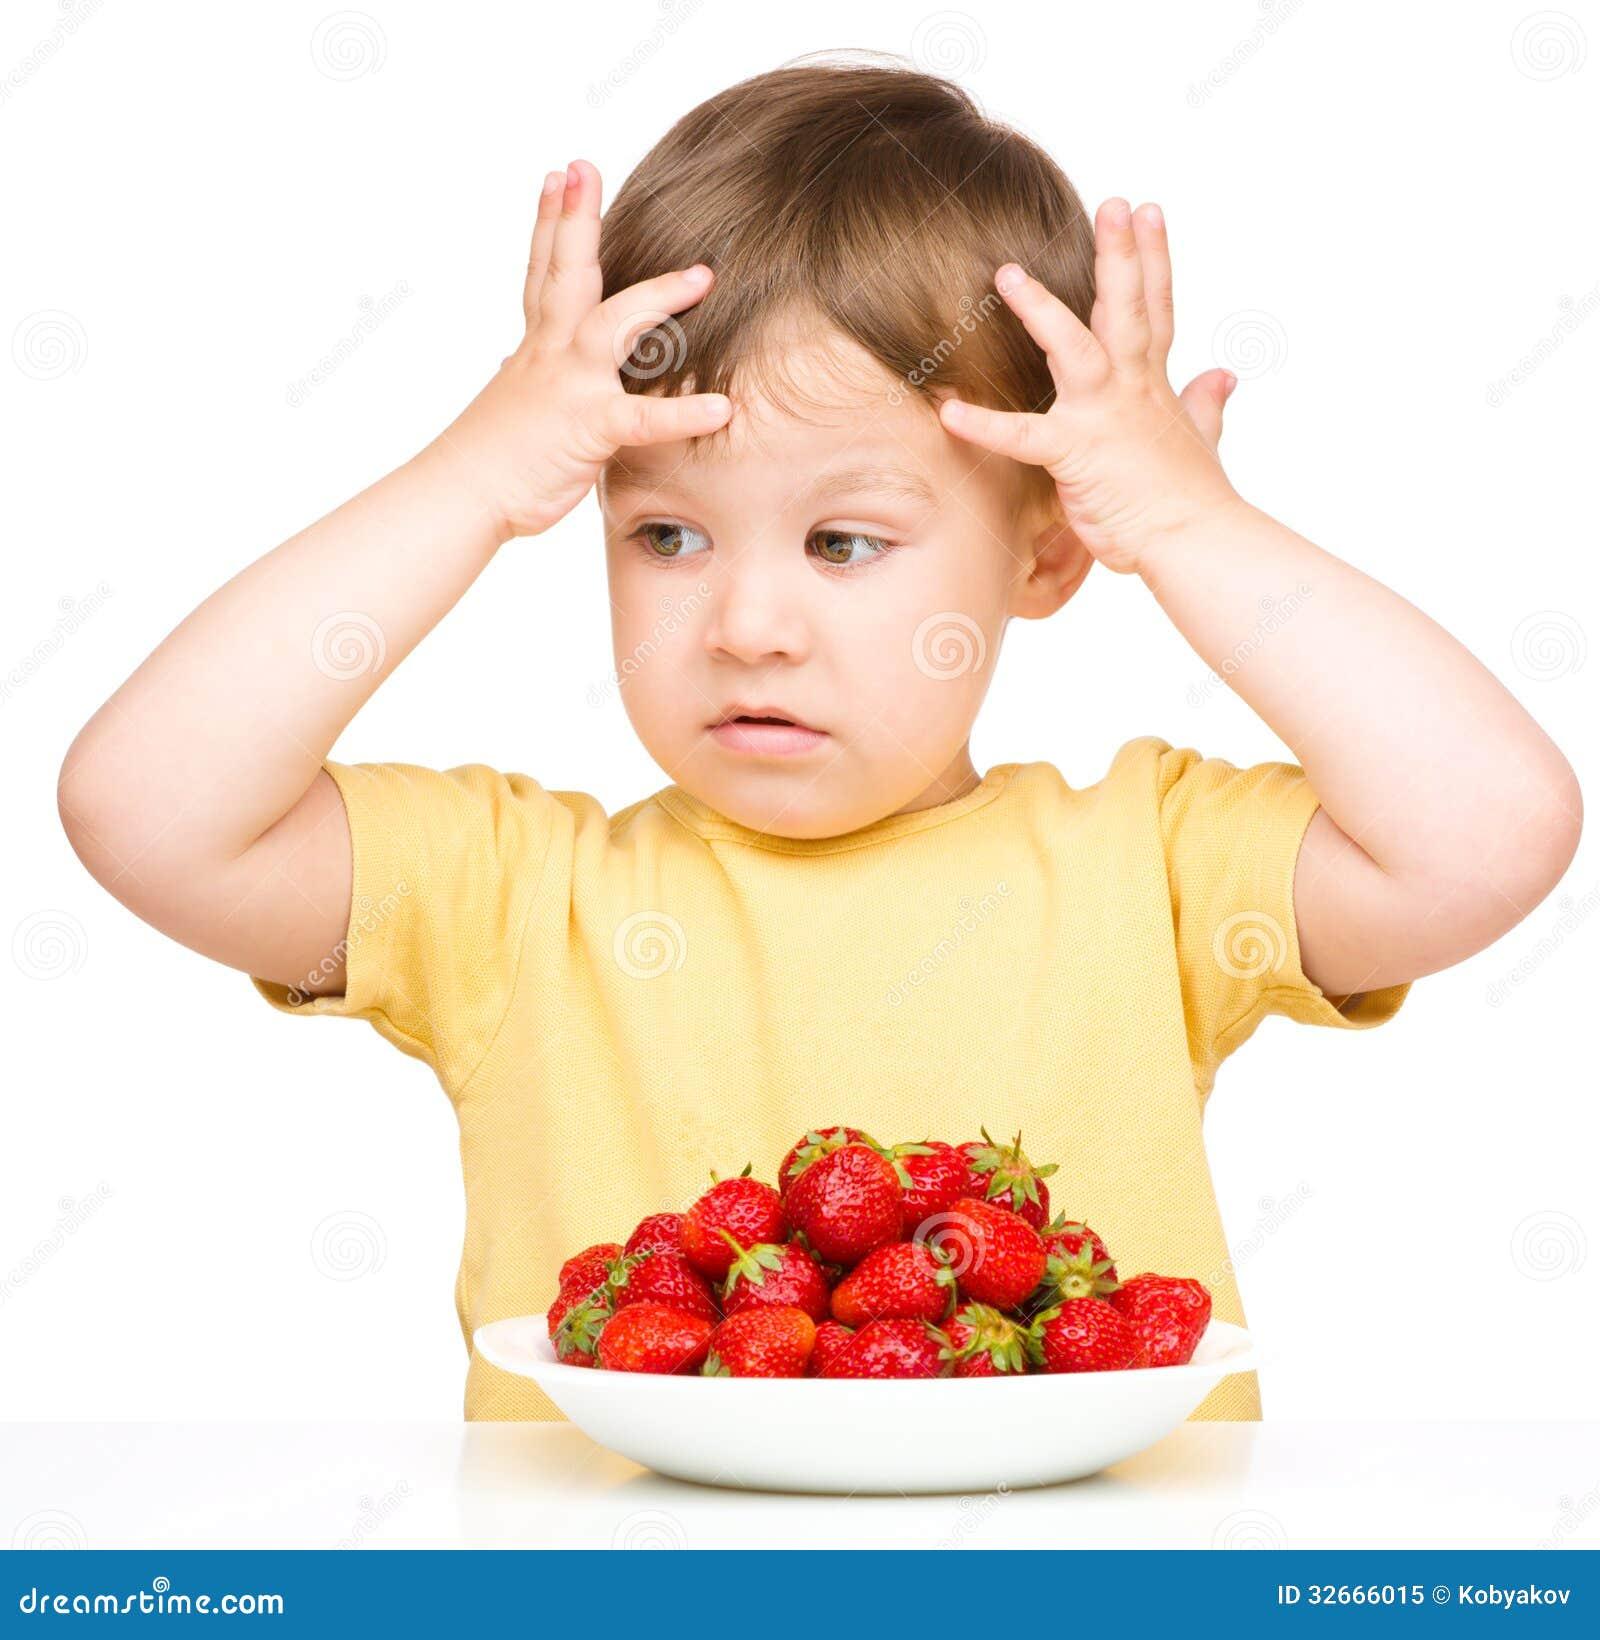 El ni o peque o rechaza comer las fresas foto de archivo - Foto nino pequeno ...